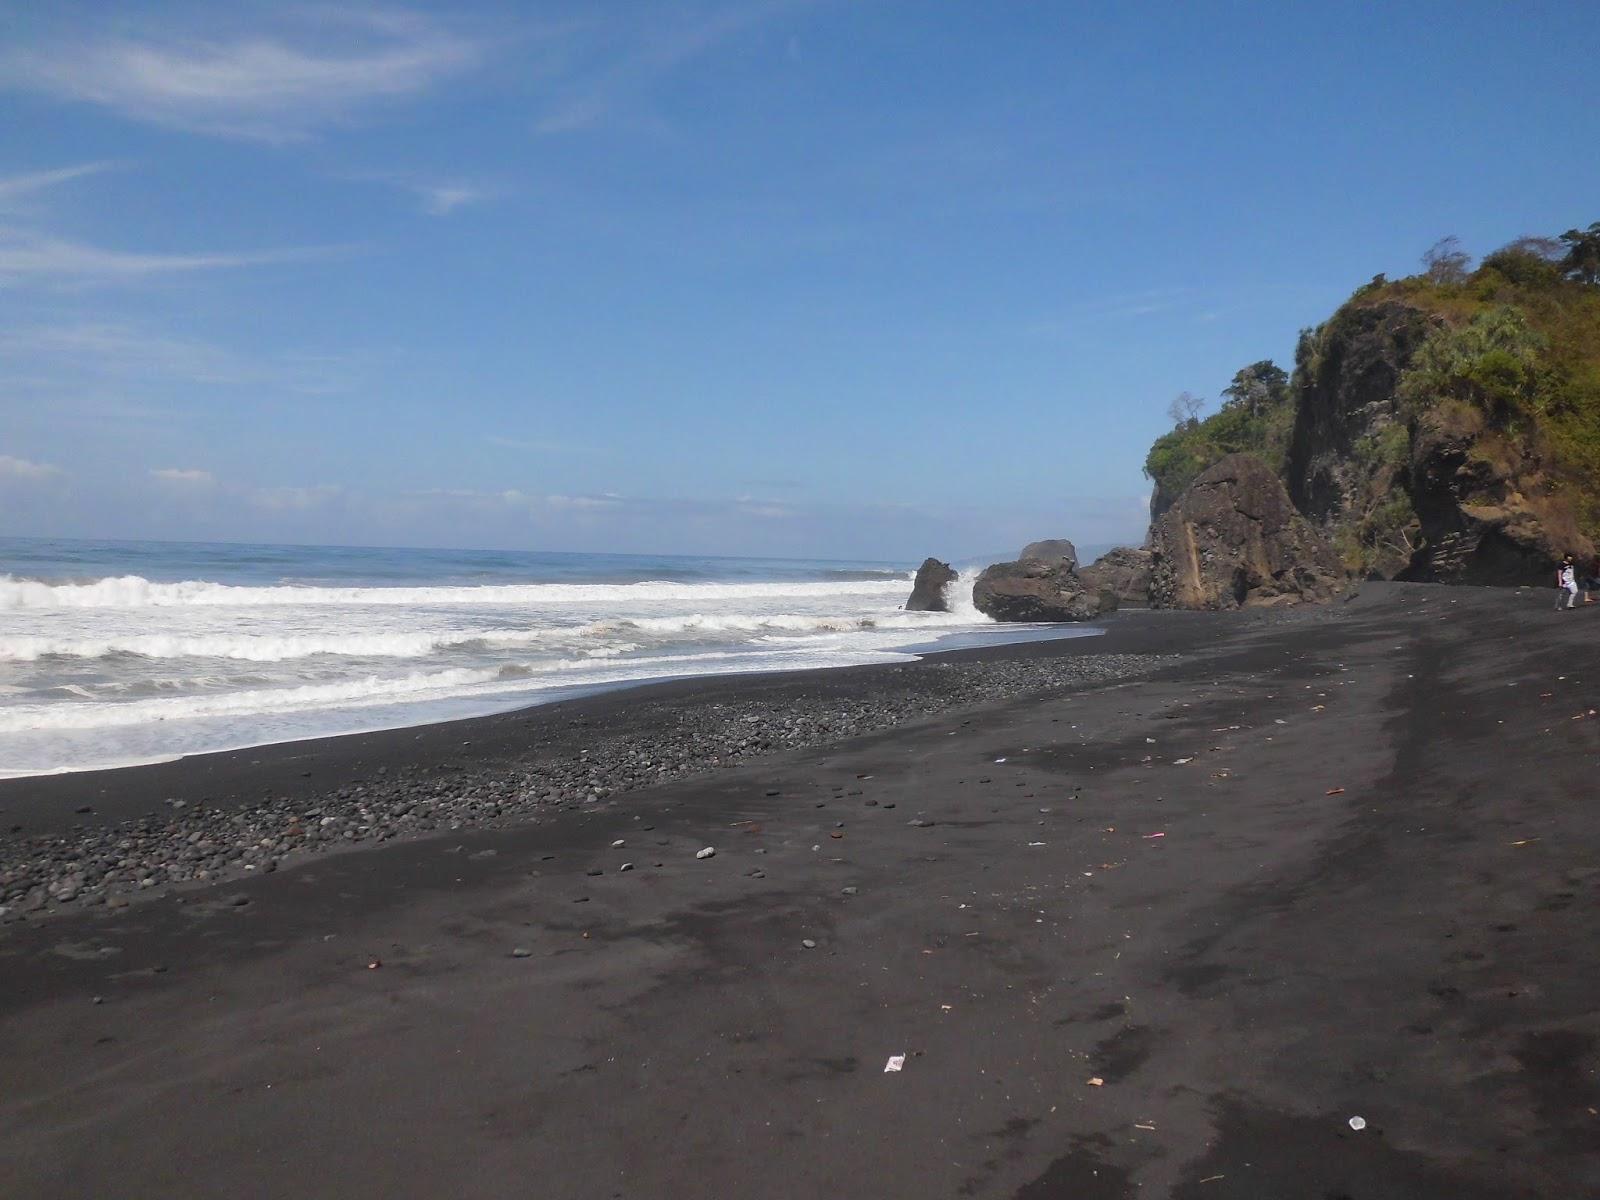 Keindahan Wisata Pantai Bambang Lumajang Menjadi Andalan Kabupaten Popularitasnya Rendah